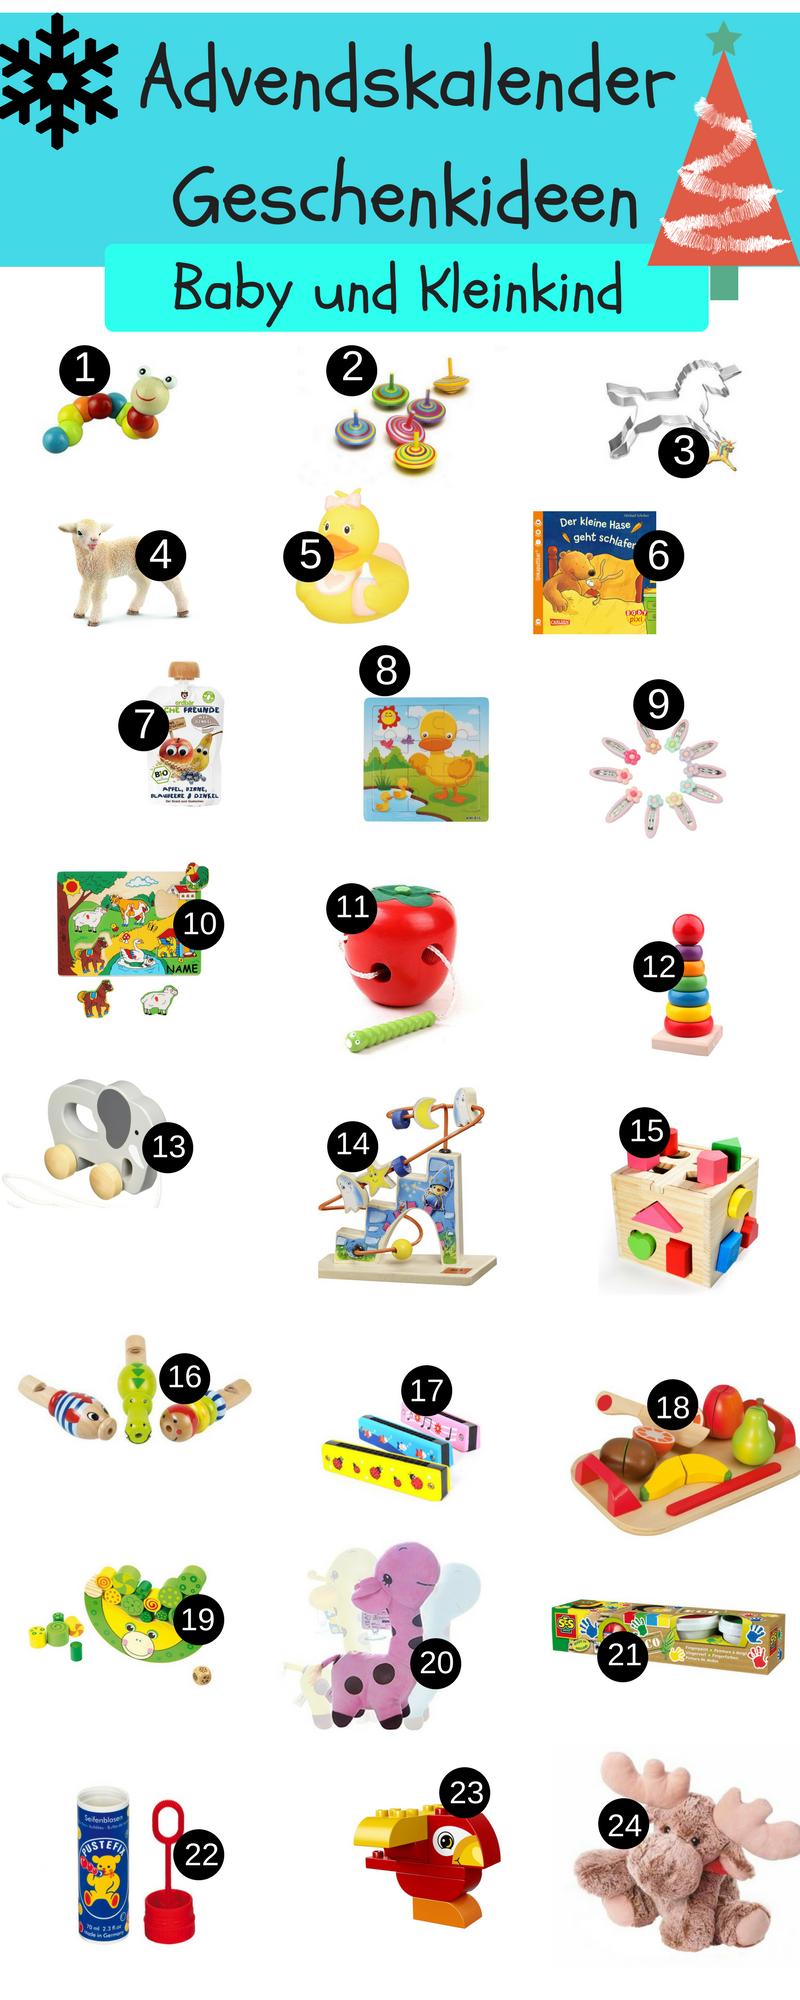 DIY Adventskalender für Babys und Kleinkinder selber machen